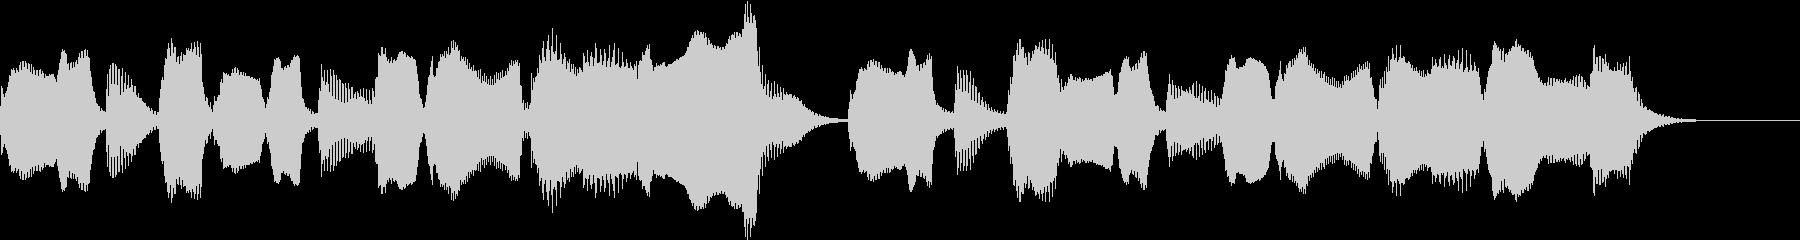 リコーダーとピアノほのぼのとしたジングルの未再生の波形